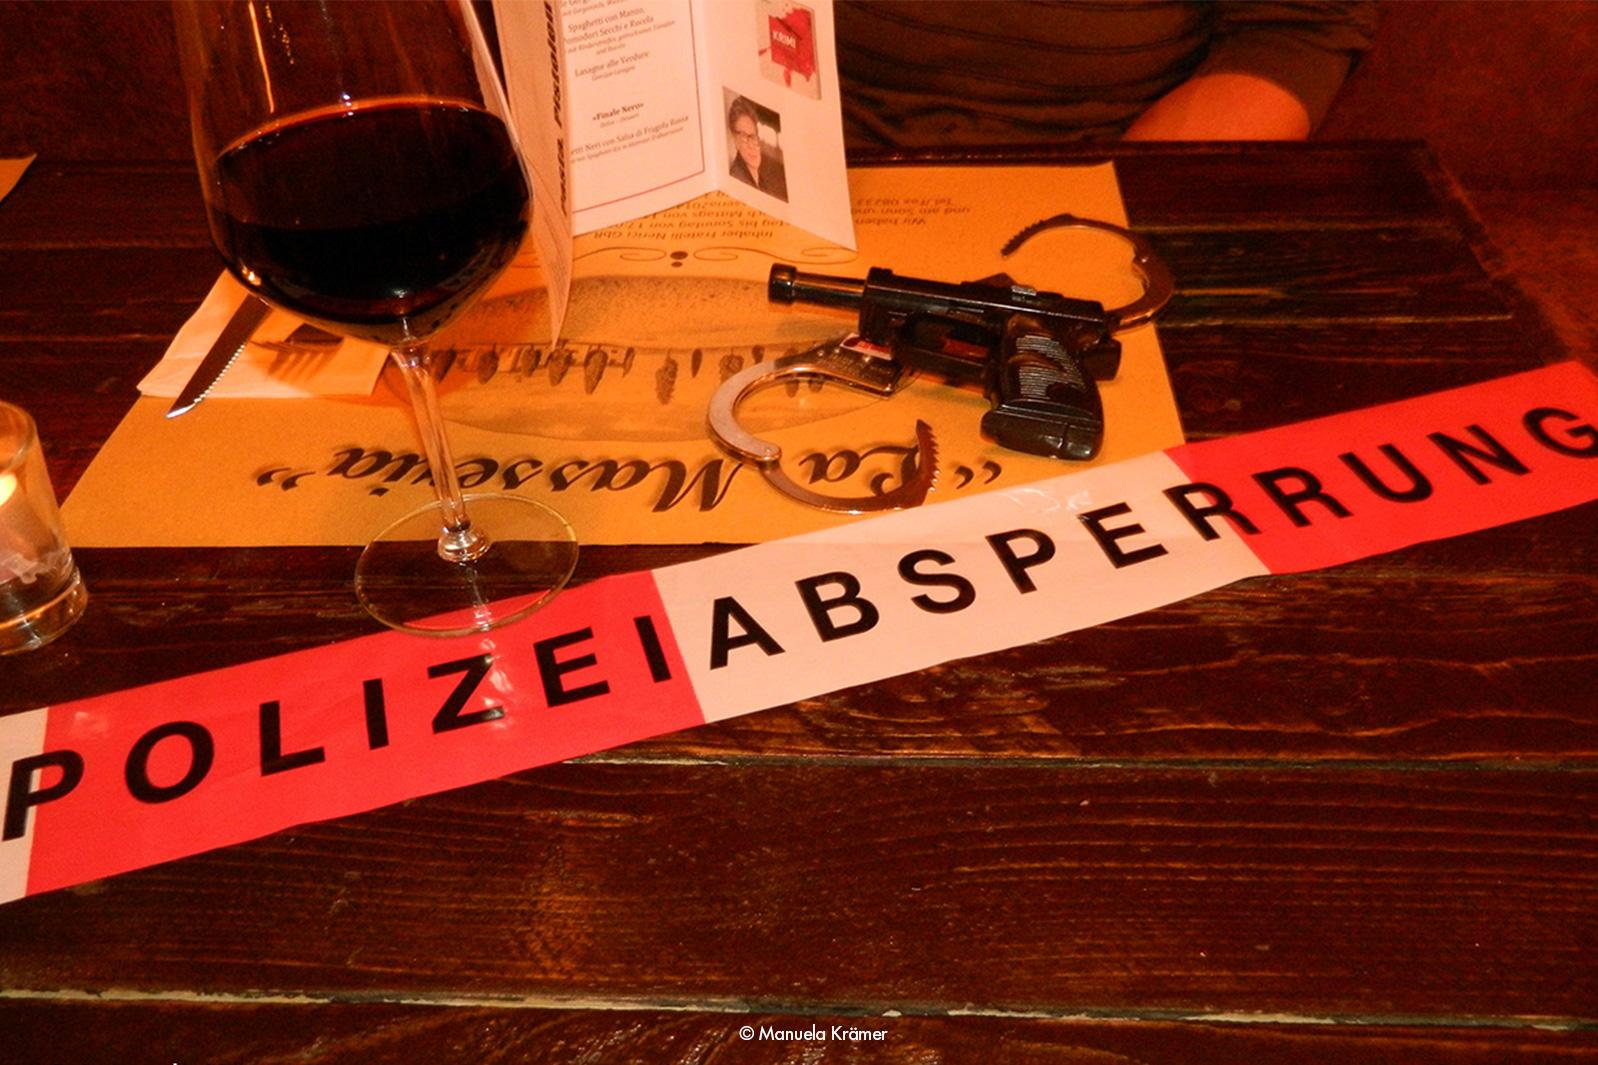 Tisch mit Weinglas, Absperrband und Pistole aus der Lesung mit Manuela Krämer